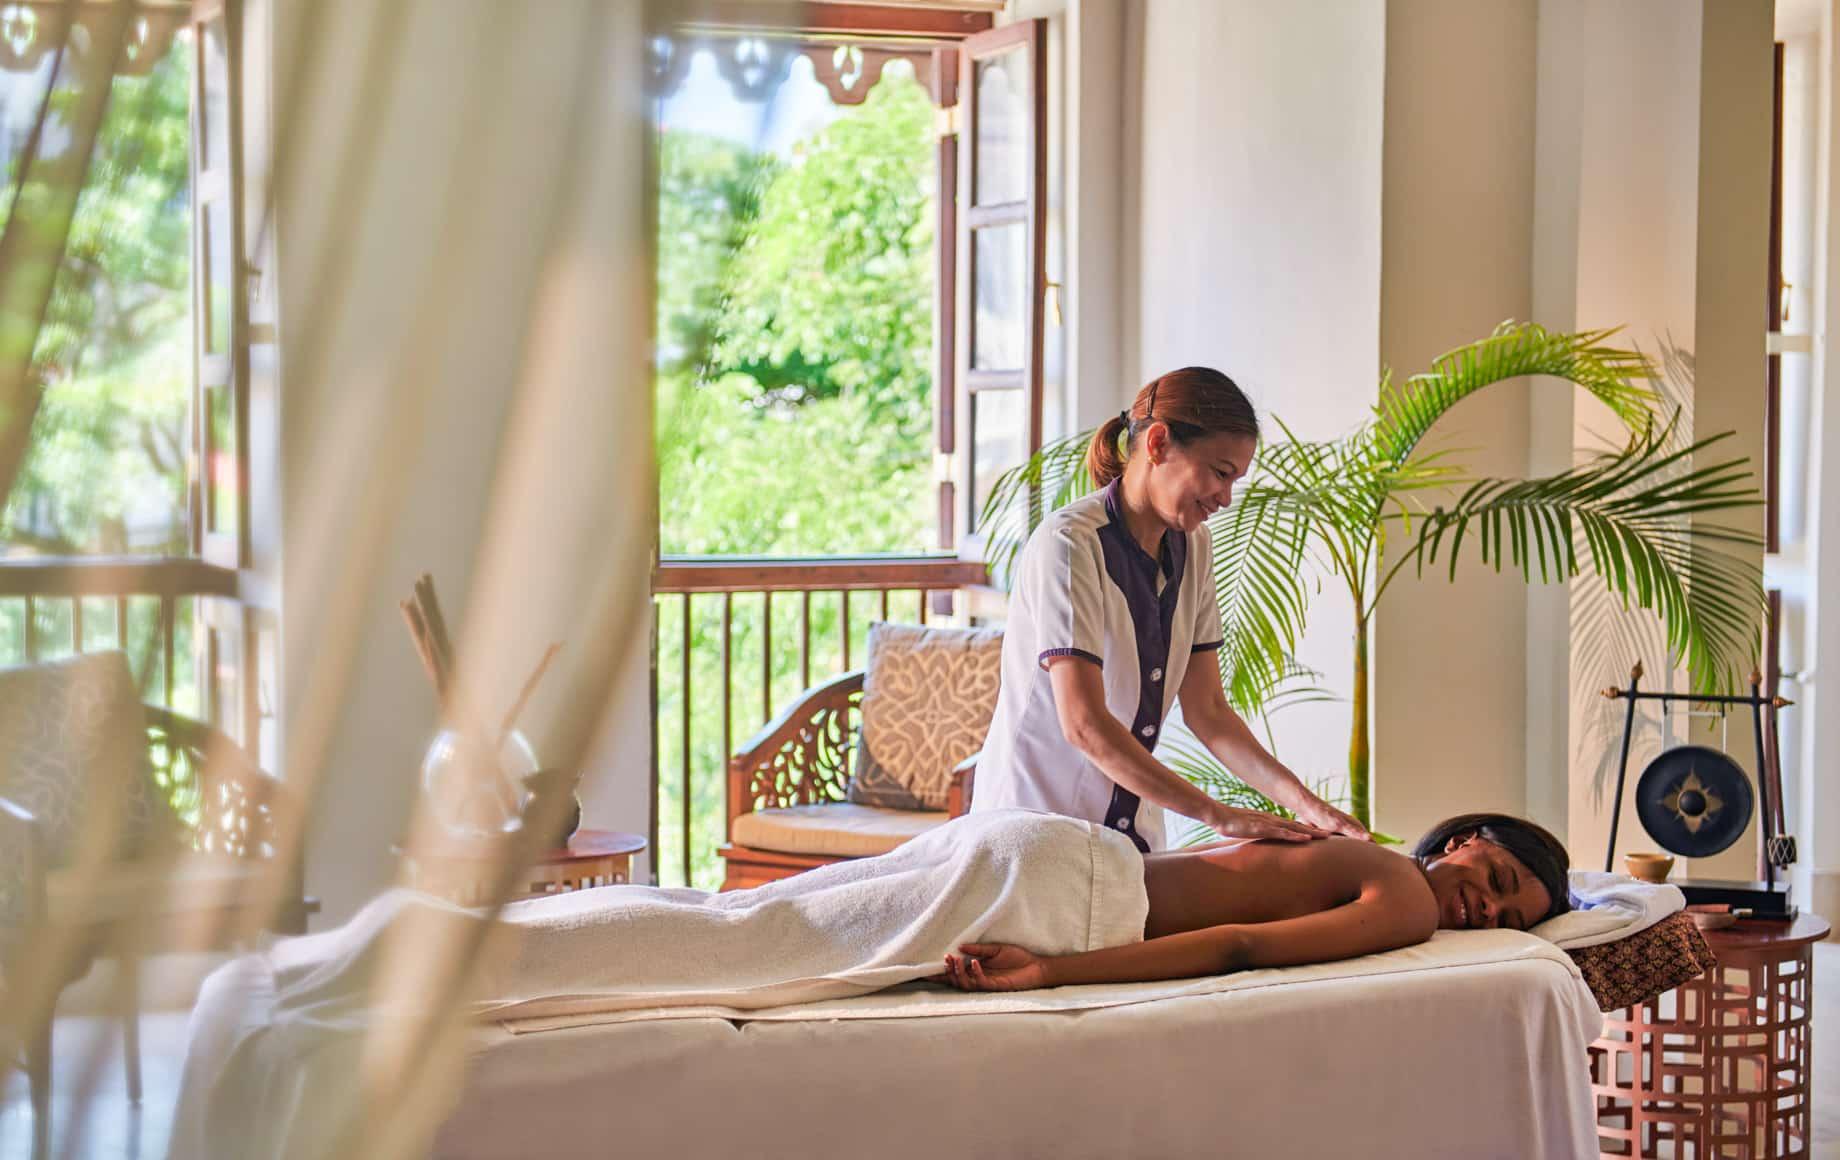 Woman gets massage at Park Hyatt, Zanzibar